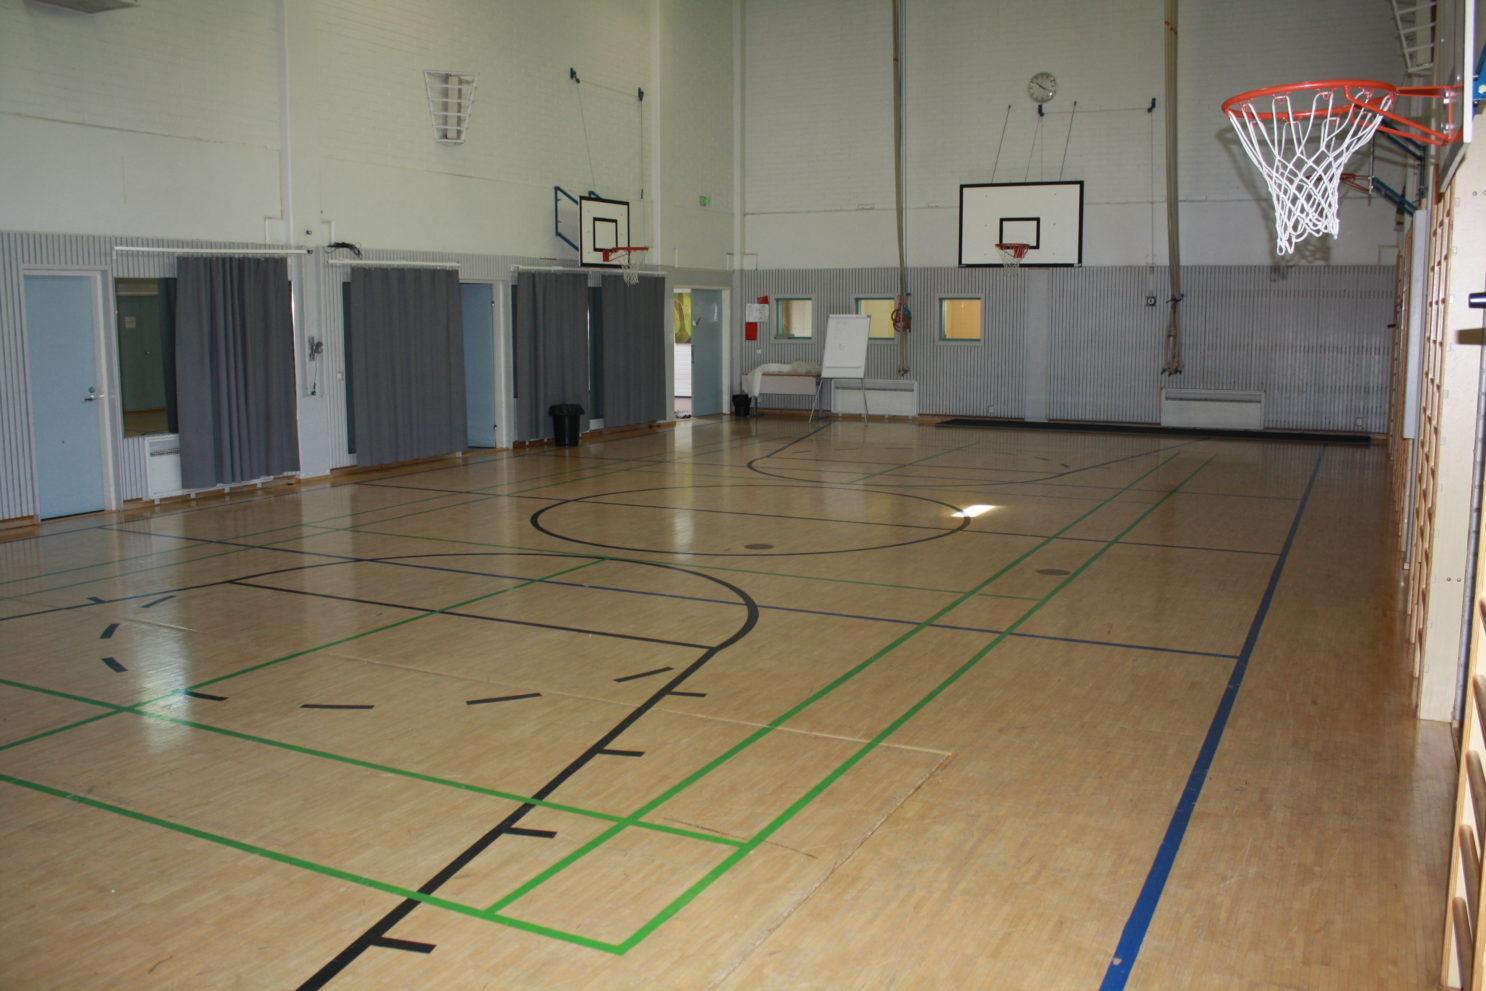 Syrjälän koulun sali